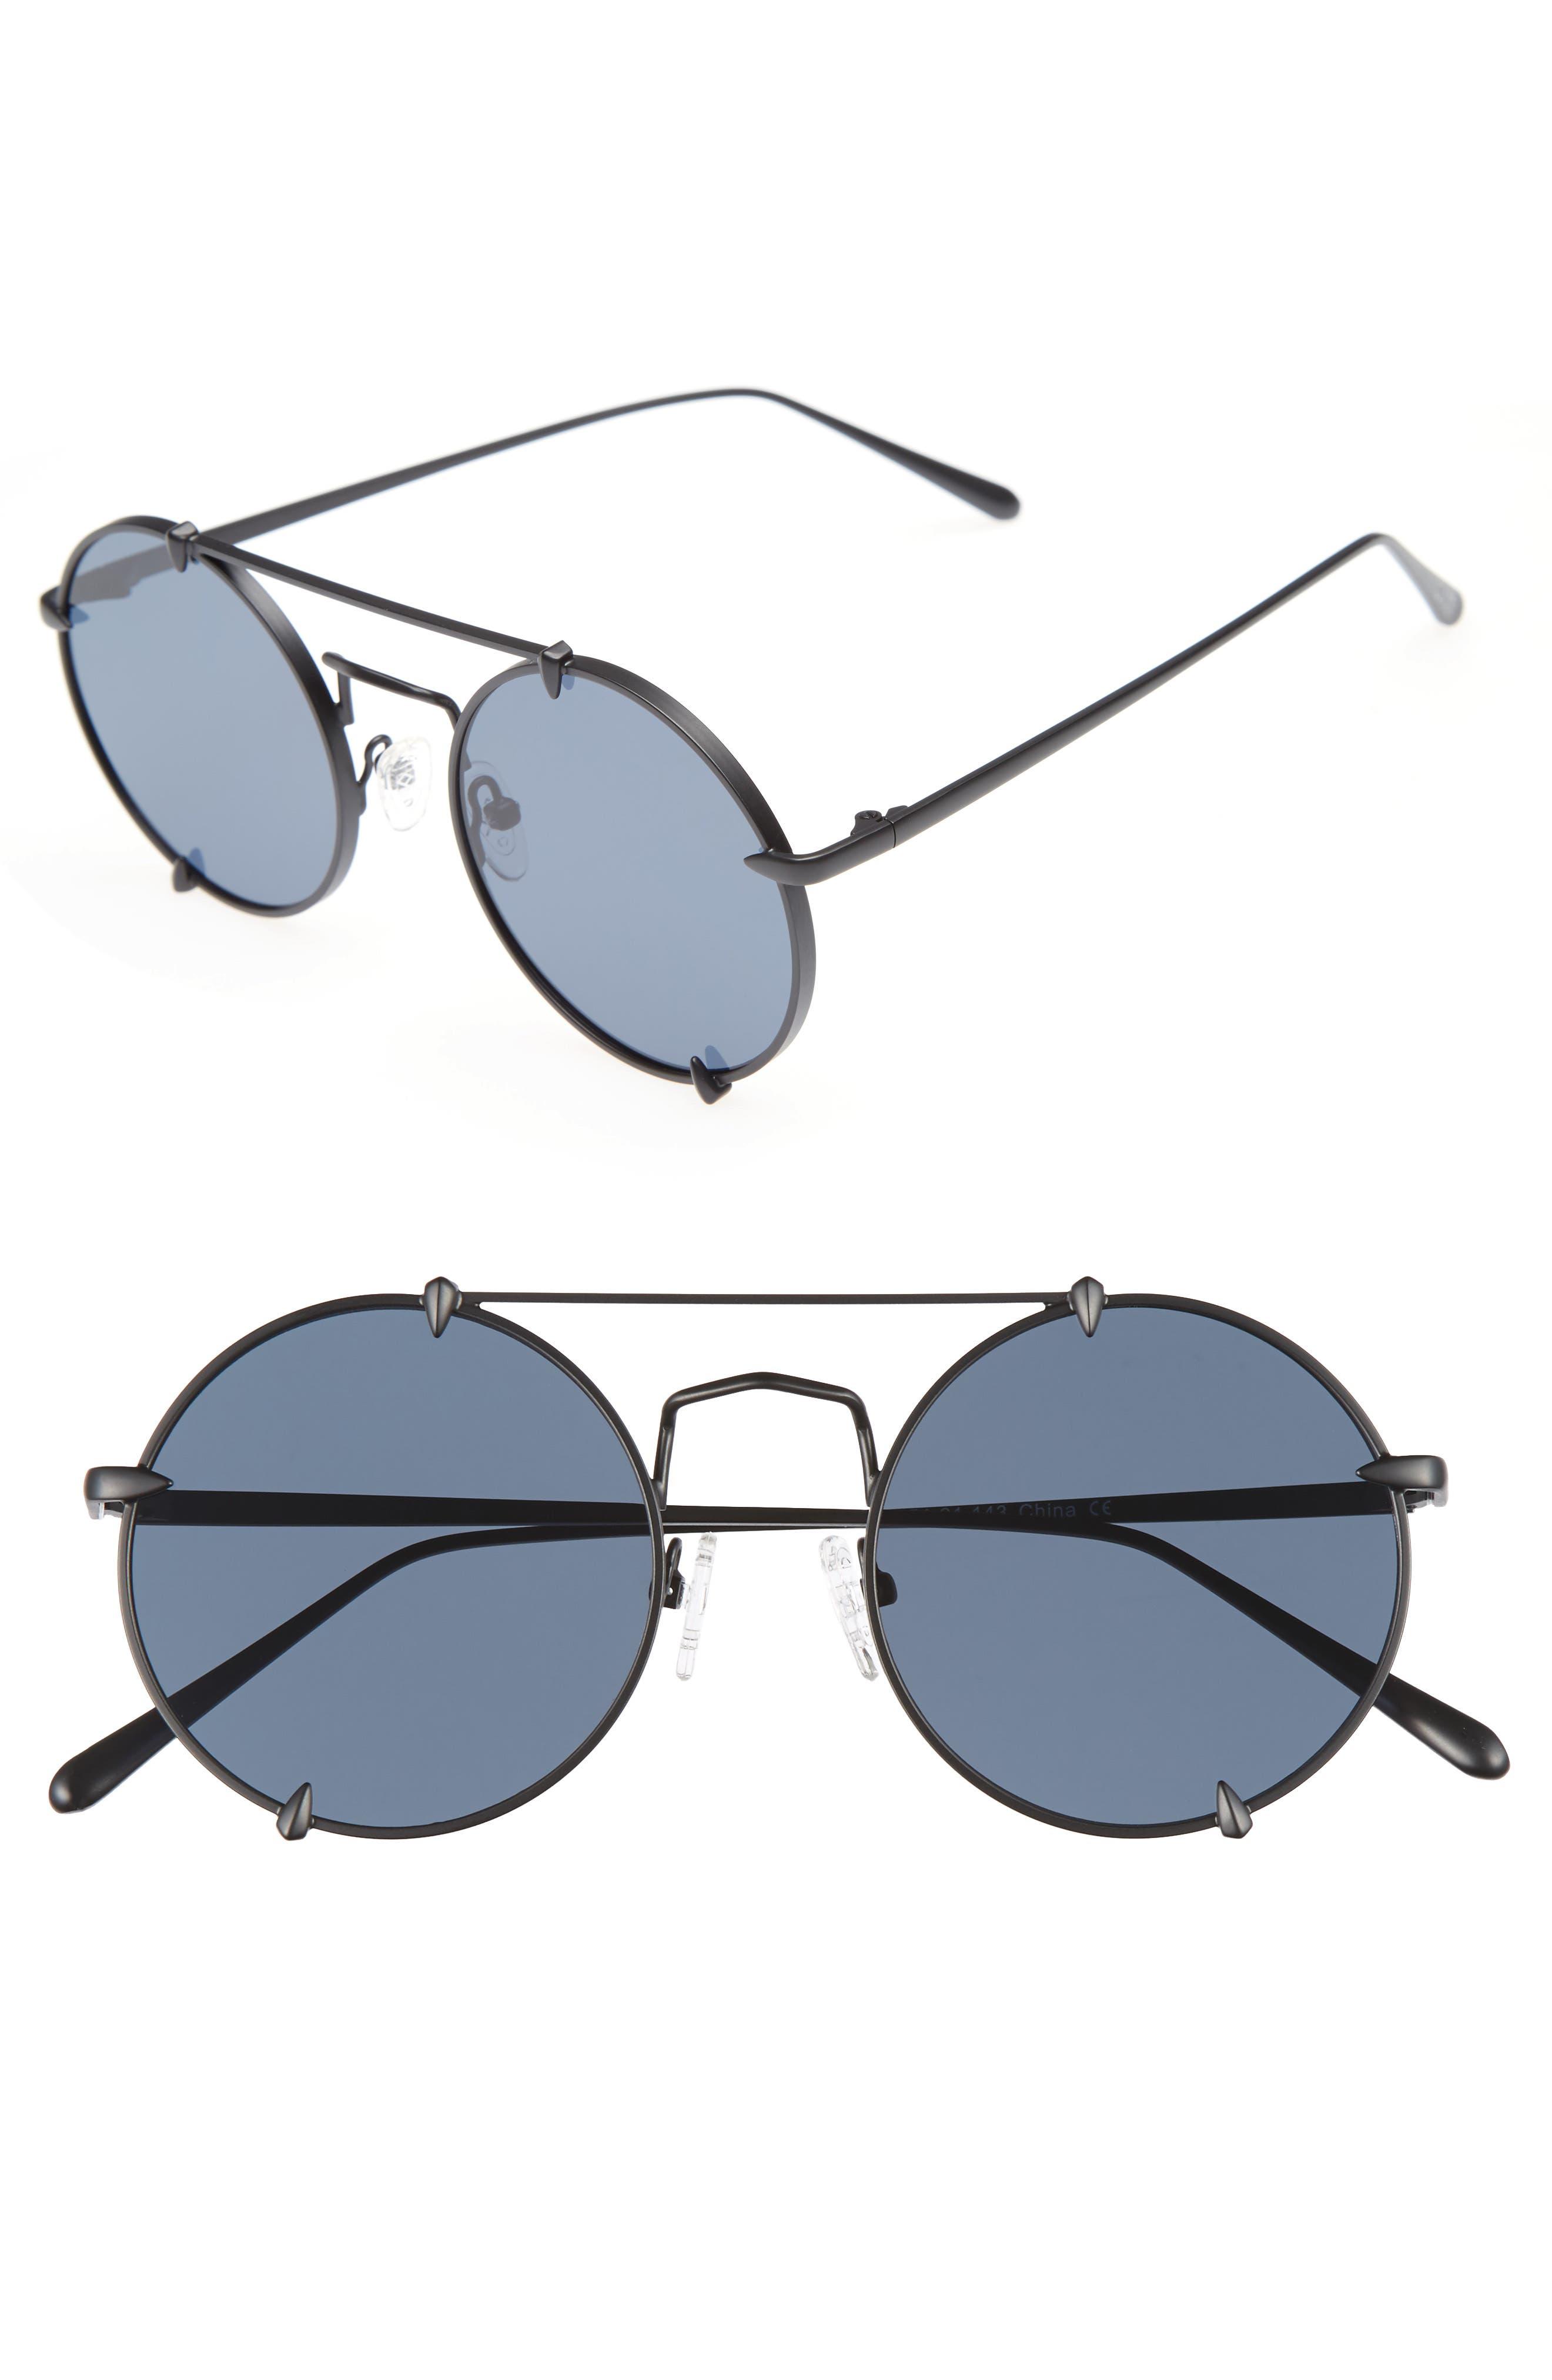 Bonnie Clide Pico 51mm Round Browbar Sunglasses,                         Main,                         color, 001